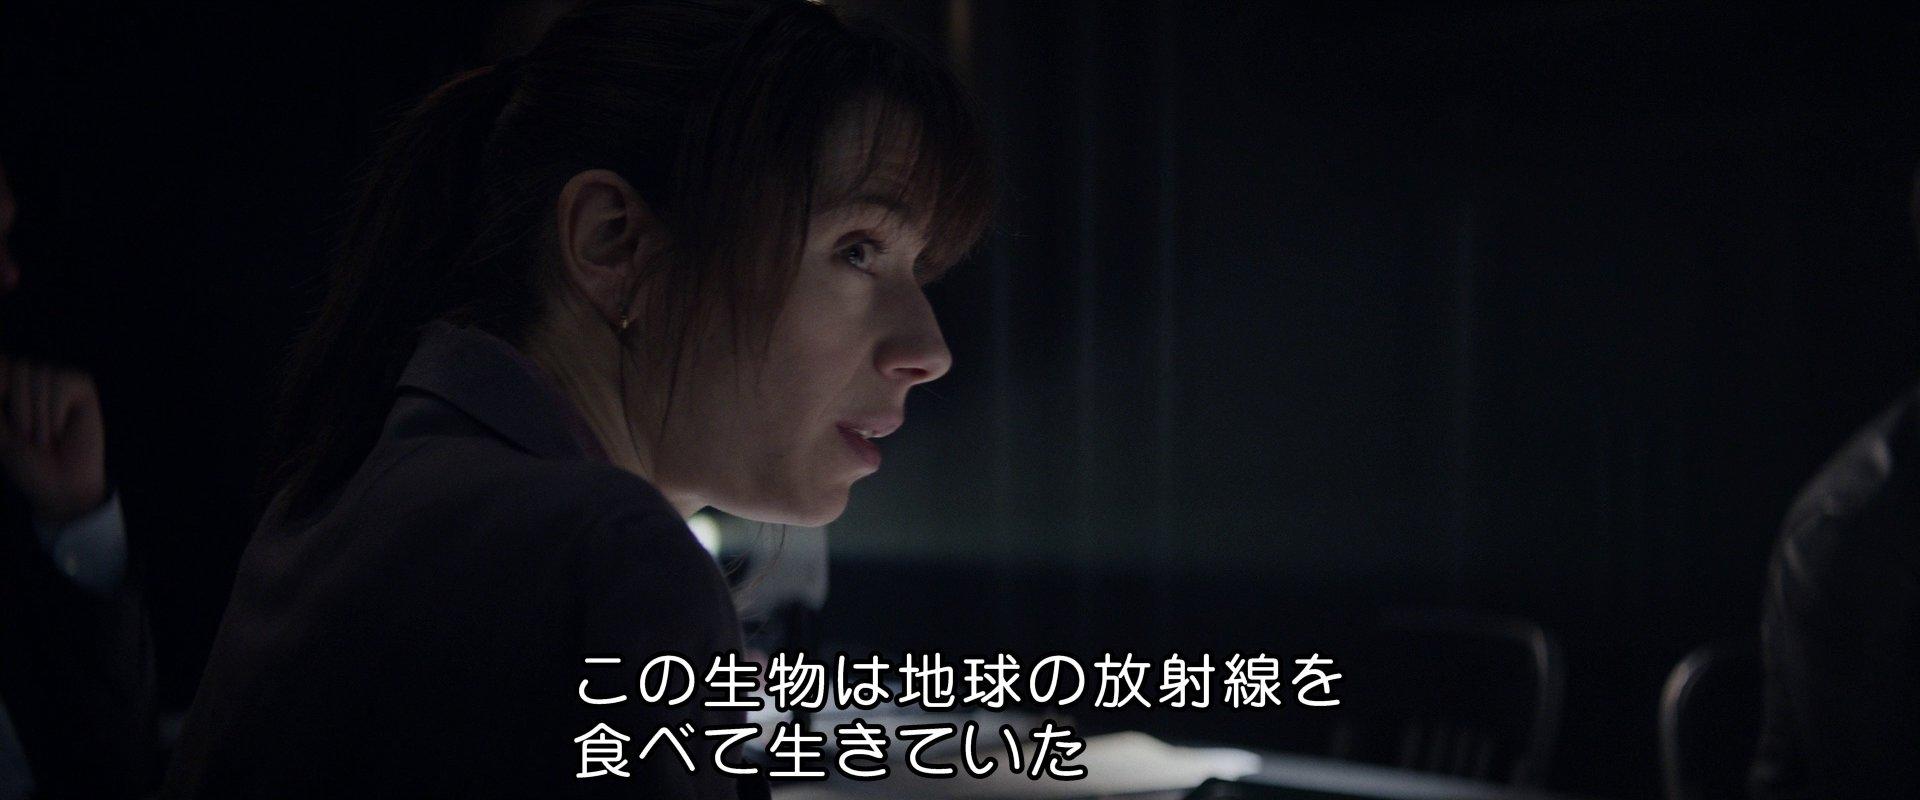 『ゴジラ2014』より ゴジラの設定違う